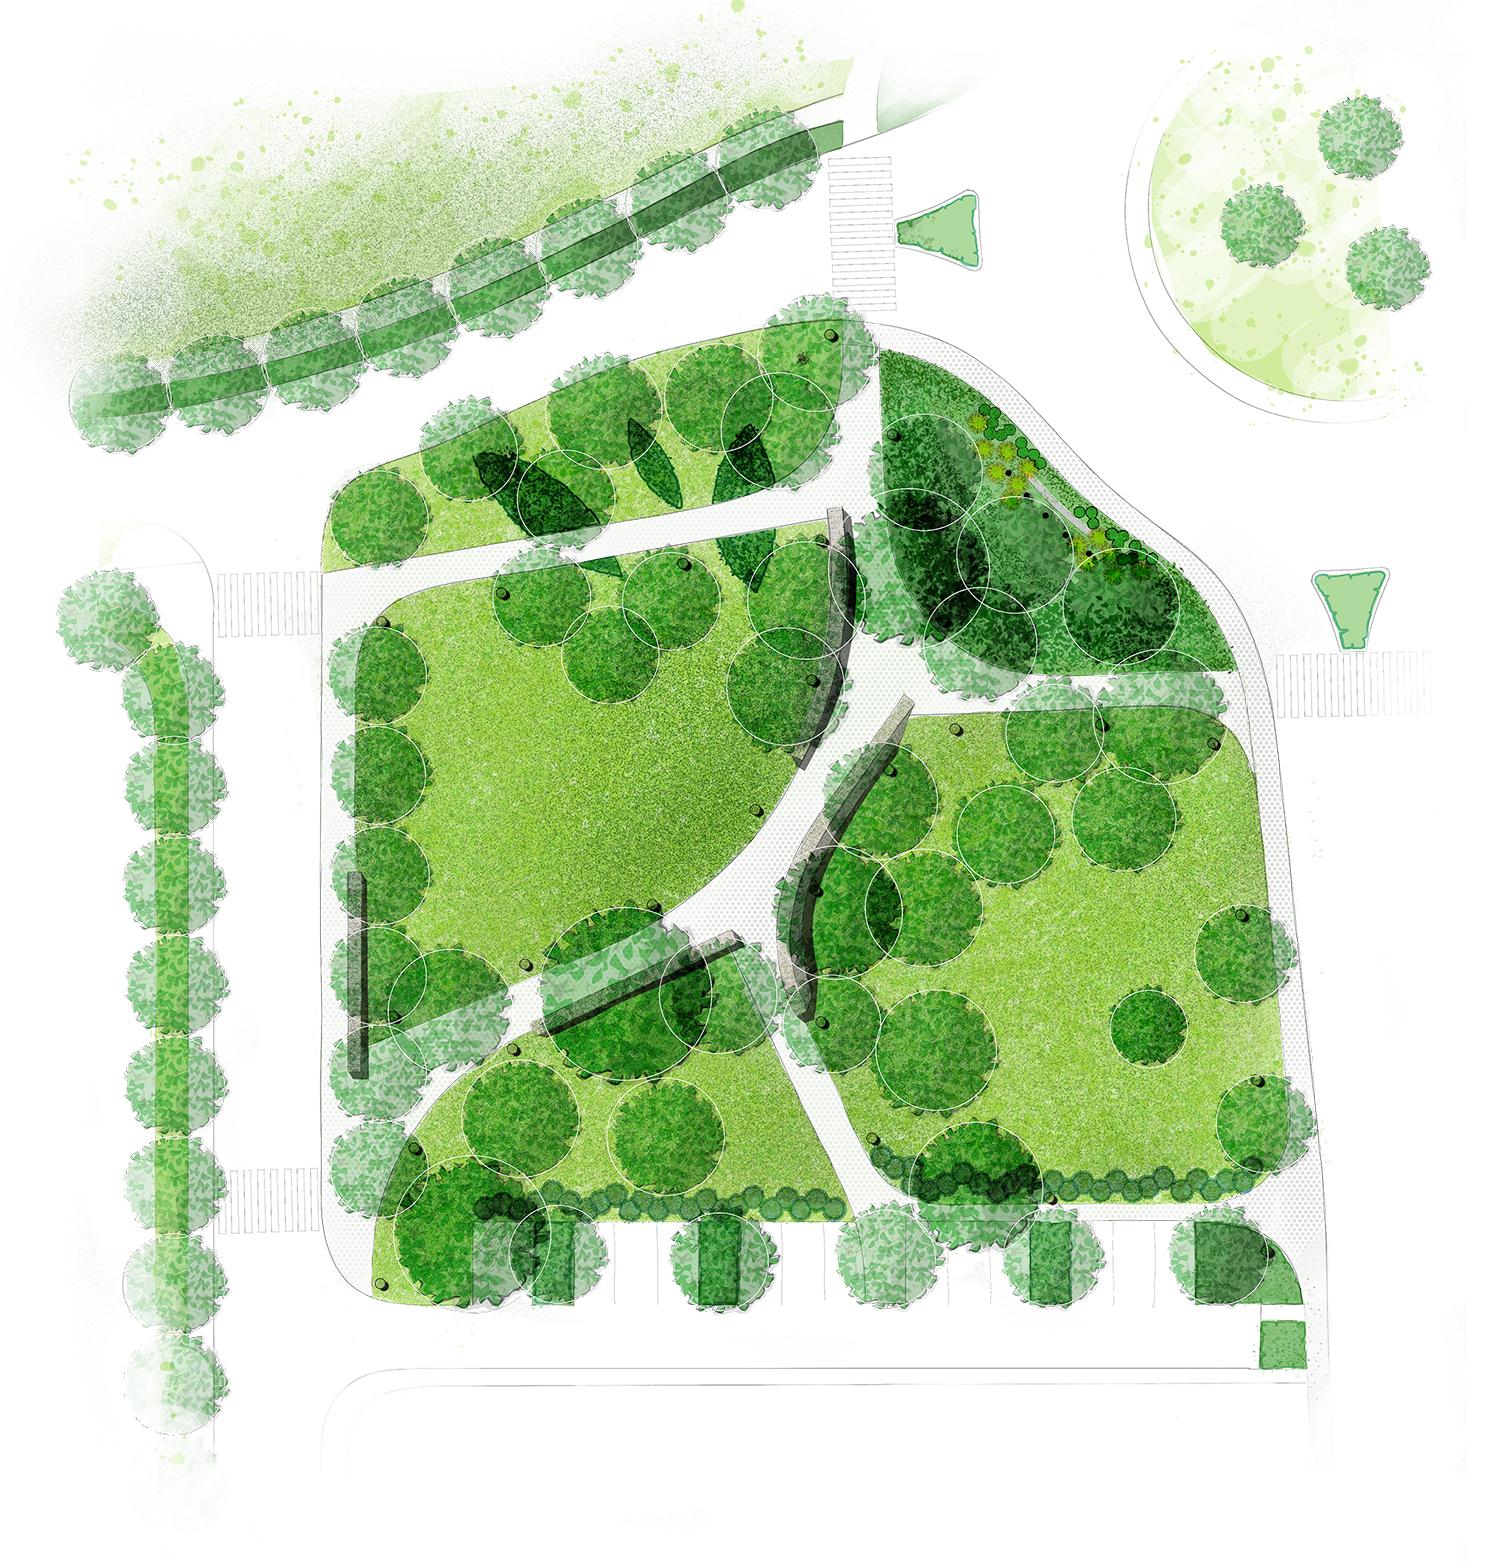 Krajobrazni projekt uređenja parka na ulazu u Funtanu, Krajobazni arhitekt Željko Radišić iz OpOp studio, Projekt krajobraznog uređenja